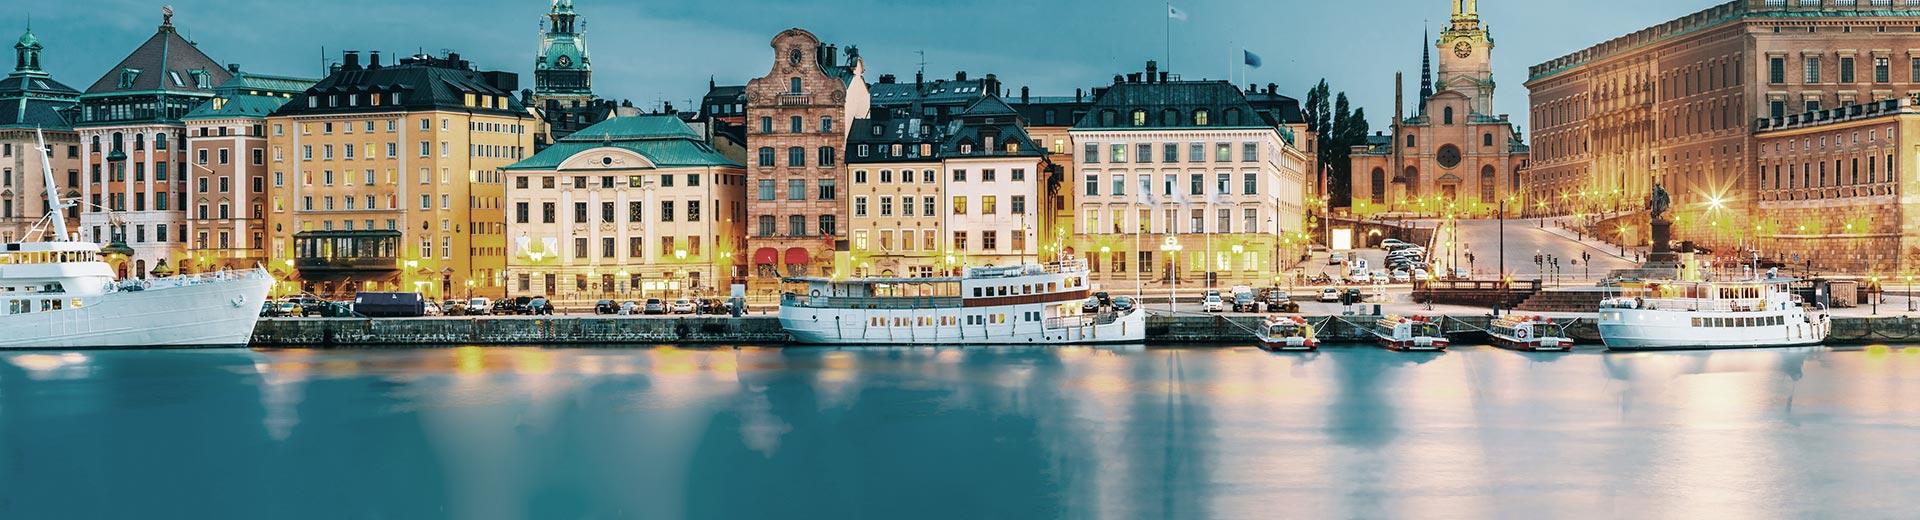 Städtereise Stockholm